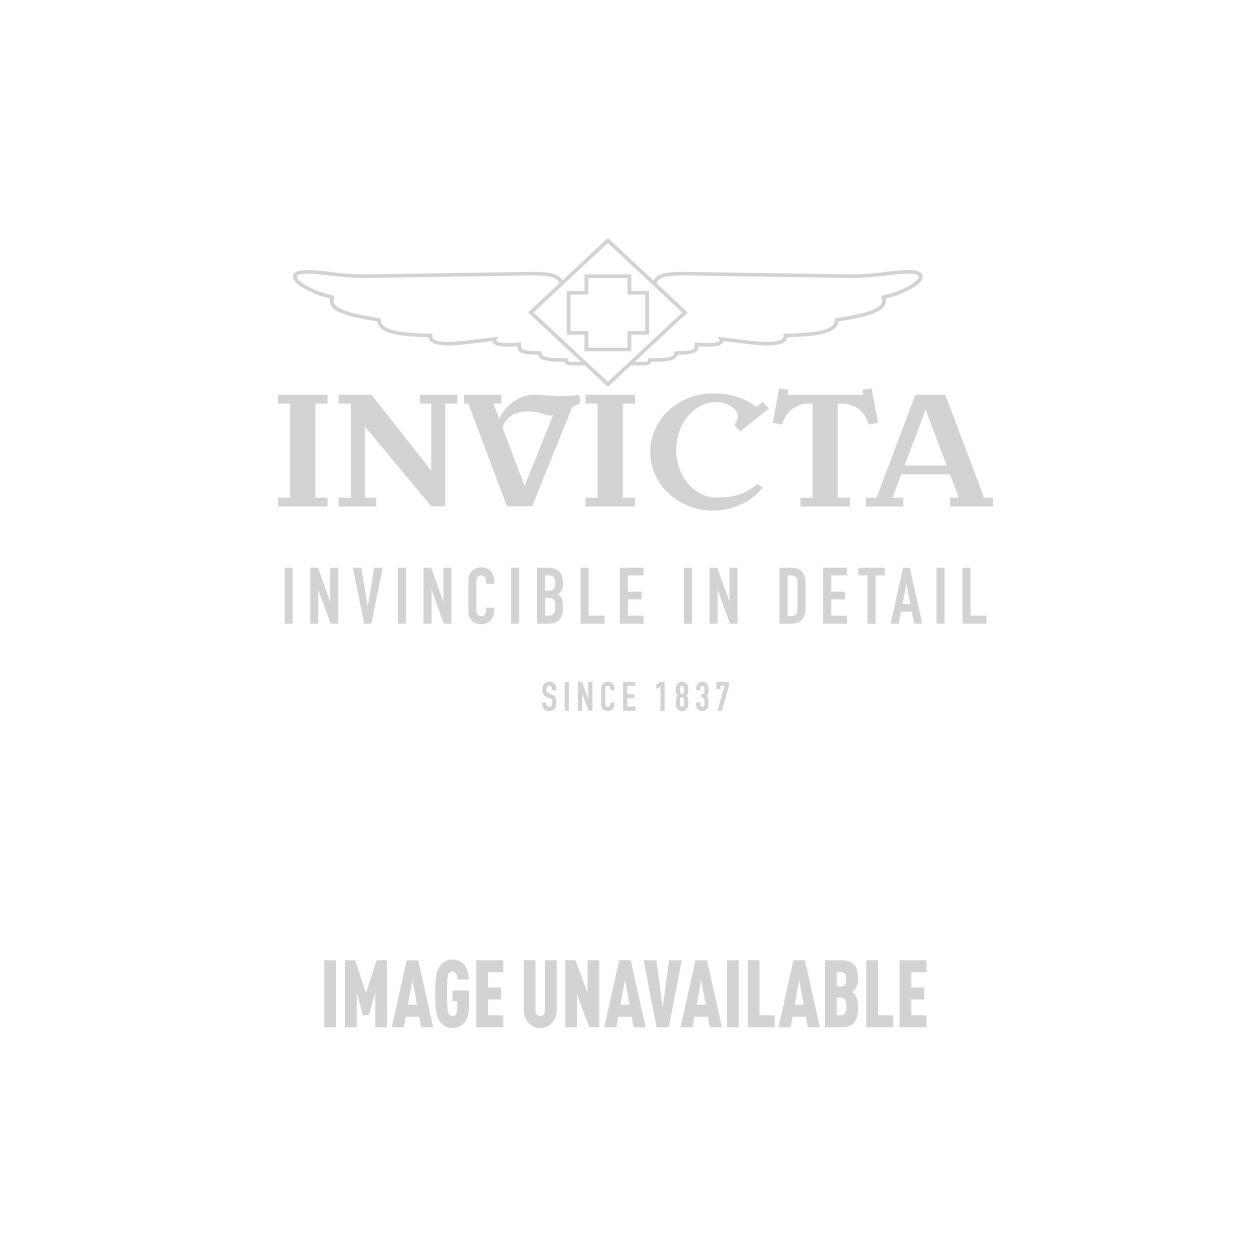 Invicta Model 22589